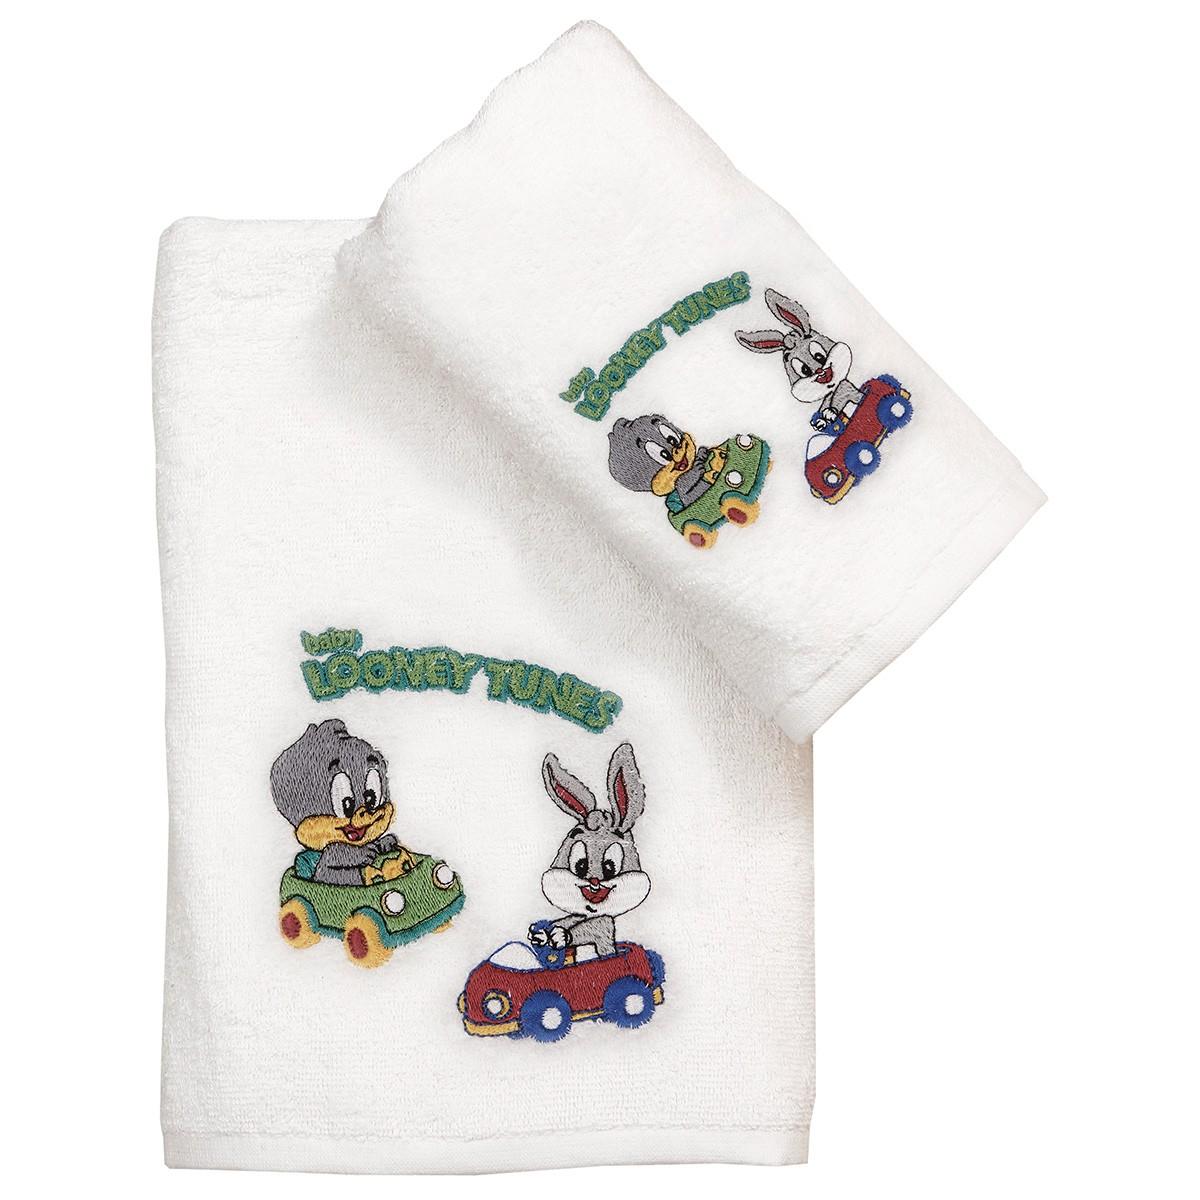 Παιδικές Πετσέτες (Σετ 2τμχ) Viopros Looney Tunes 20 home   παιδικά   πετσέτες παιδικές